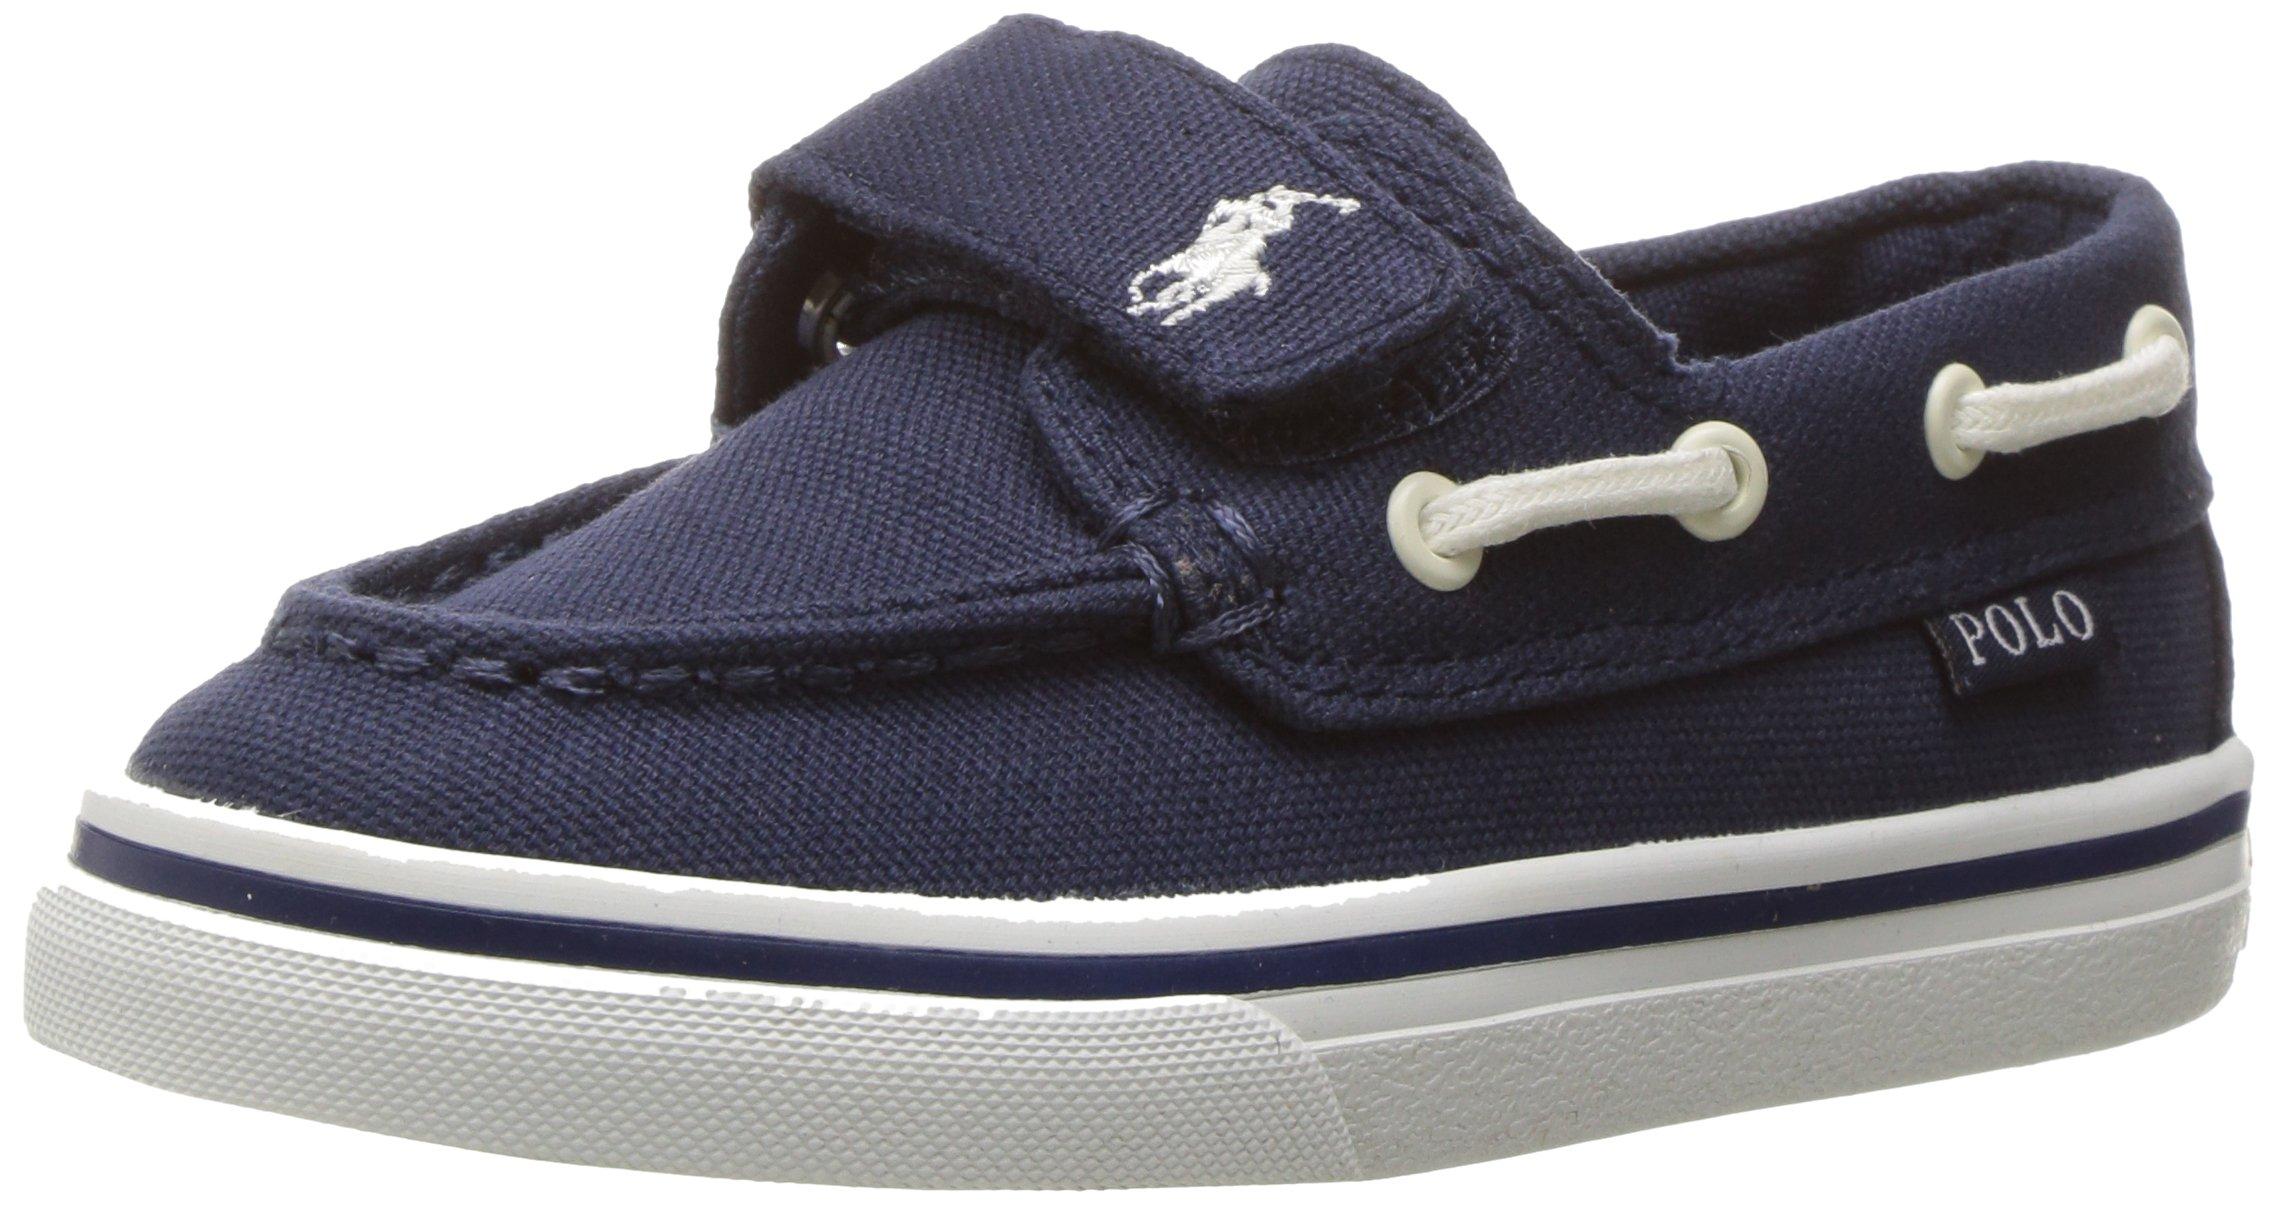 Buy Polo Ralph Lauren Shoes Online